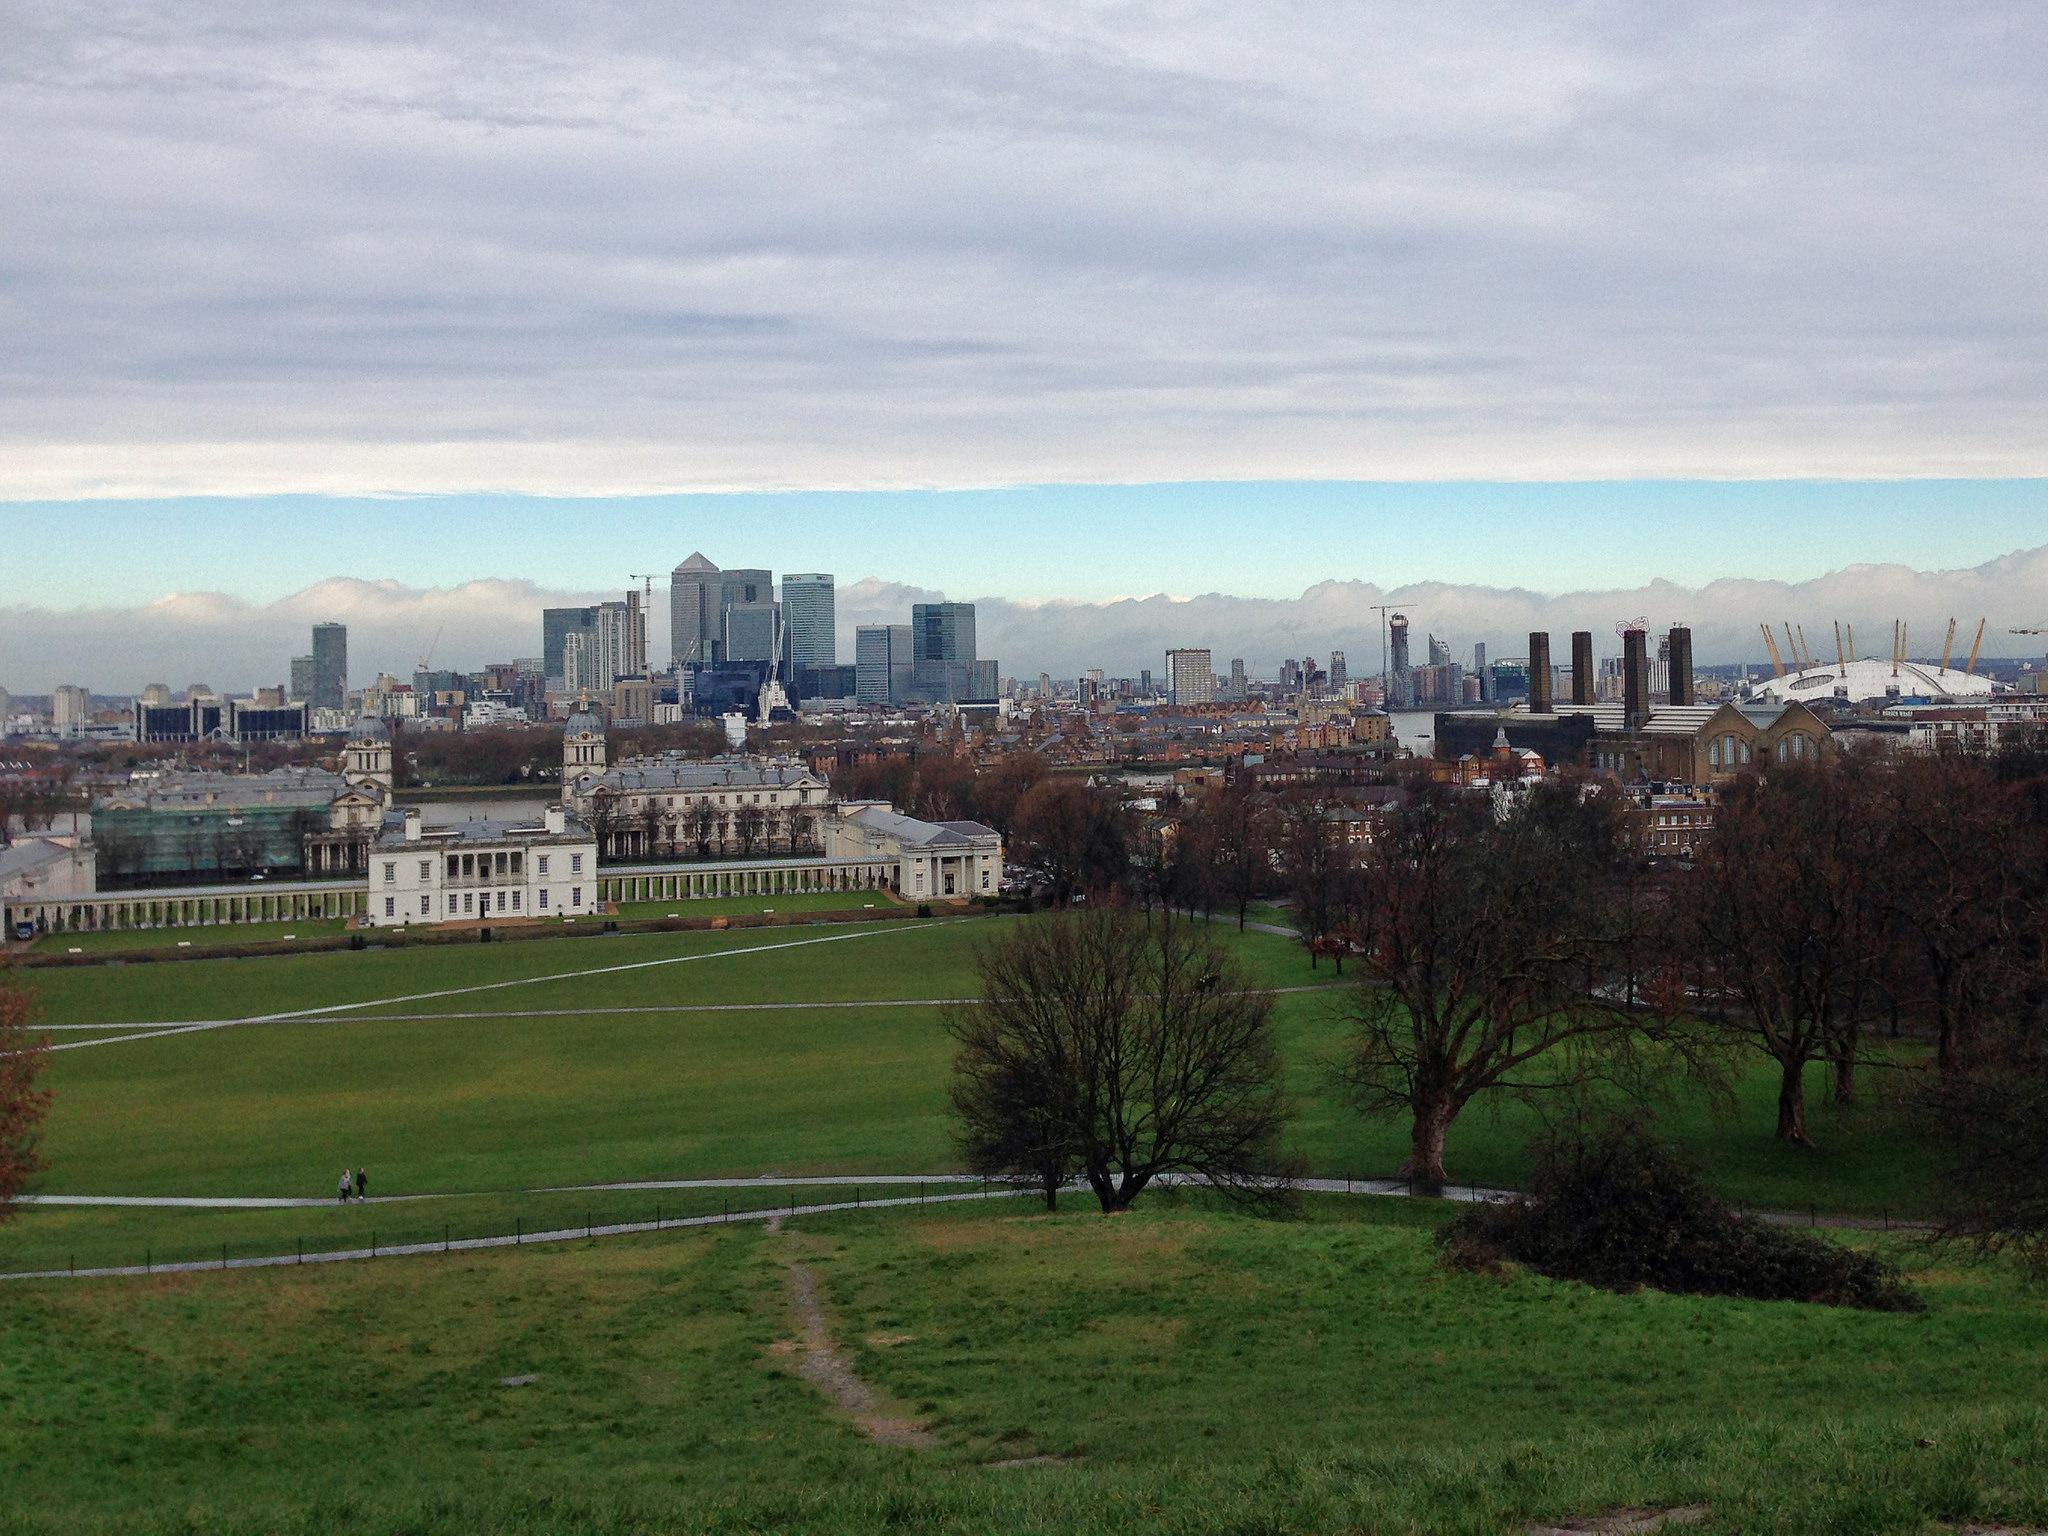 Visit Greenwich in London by boat